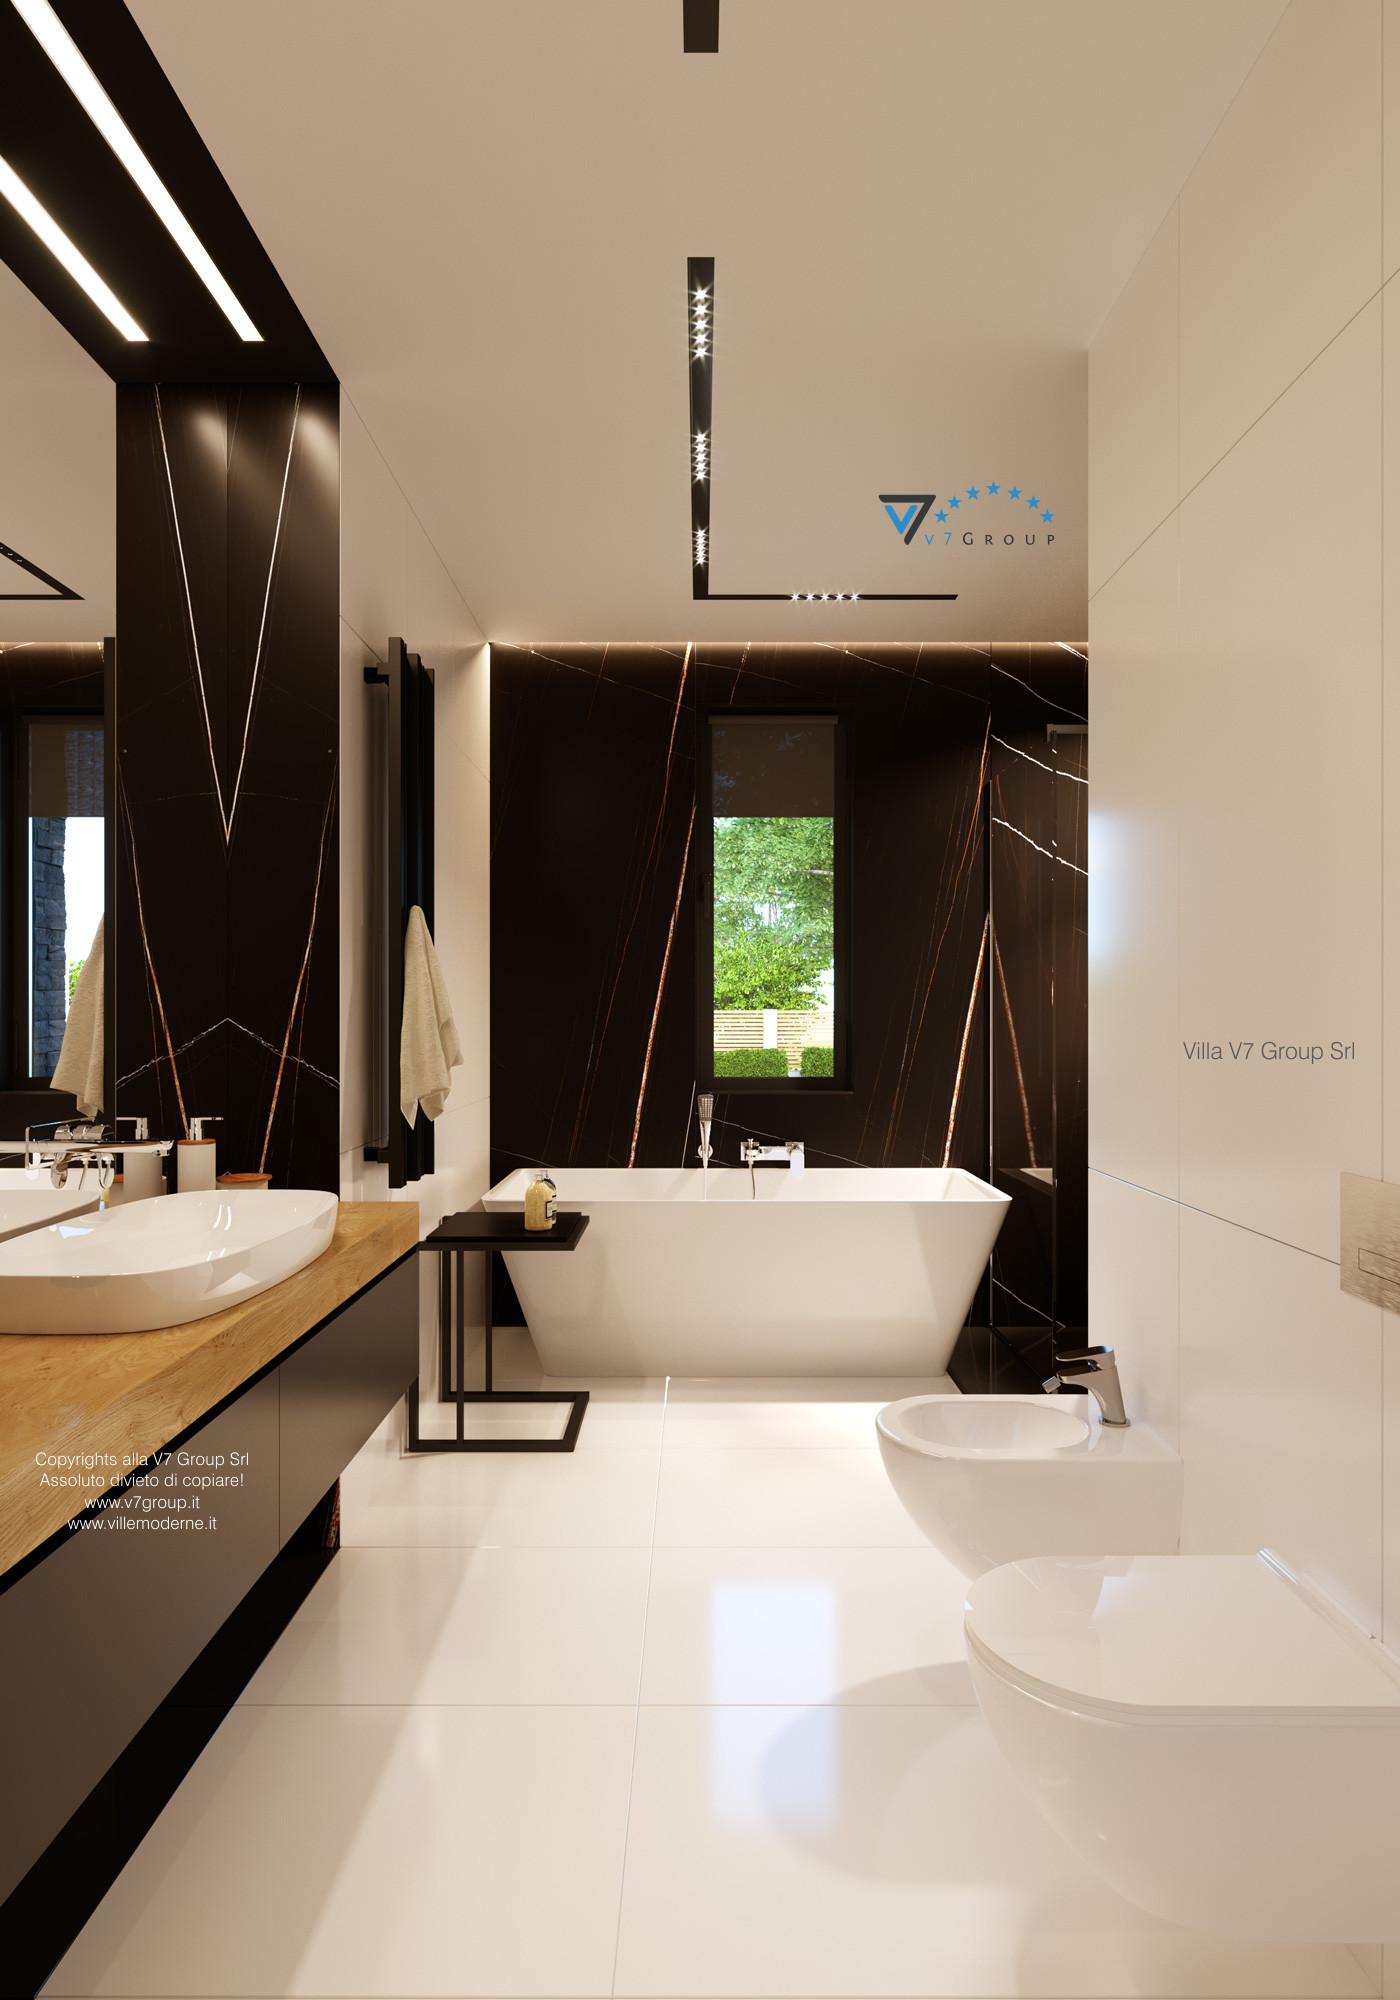 Immagine Villa V55 (progetto originale) - interno 9 - bagno